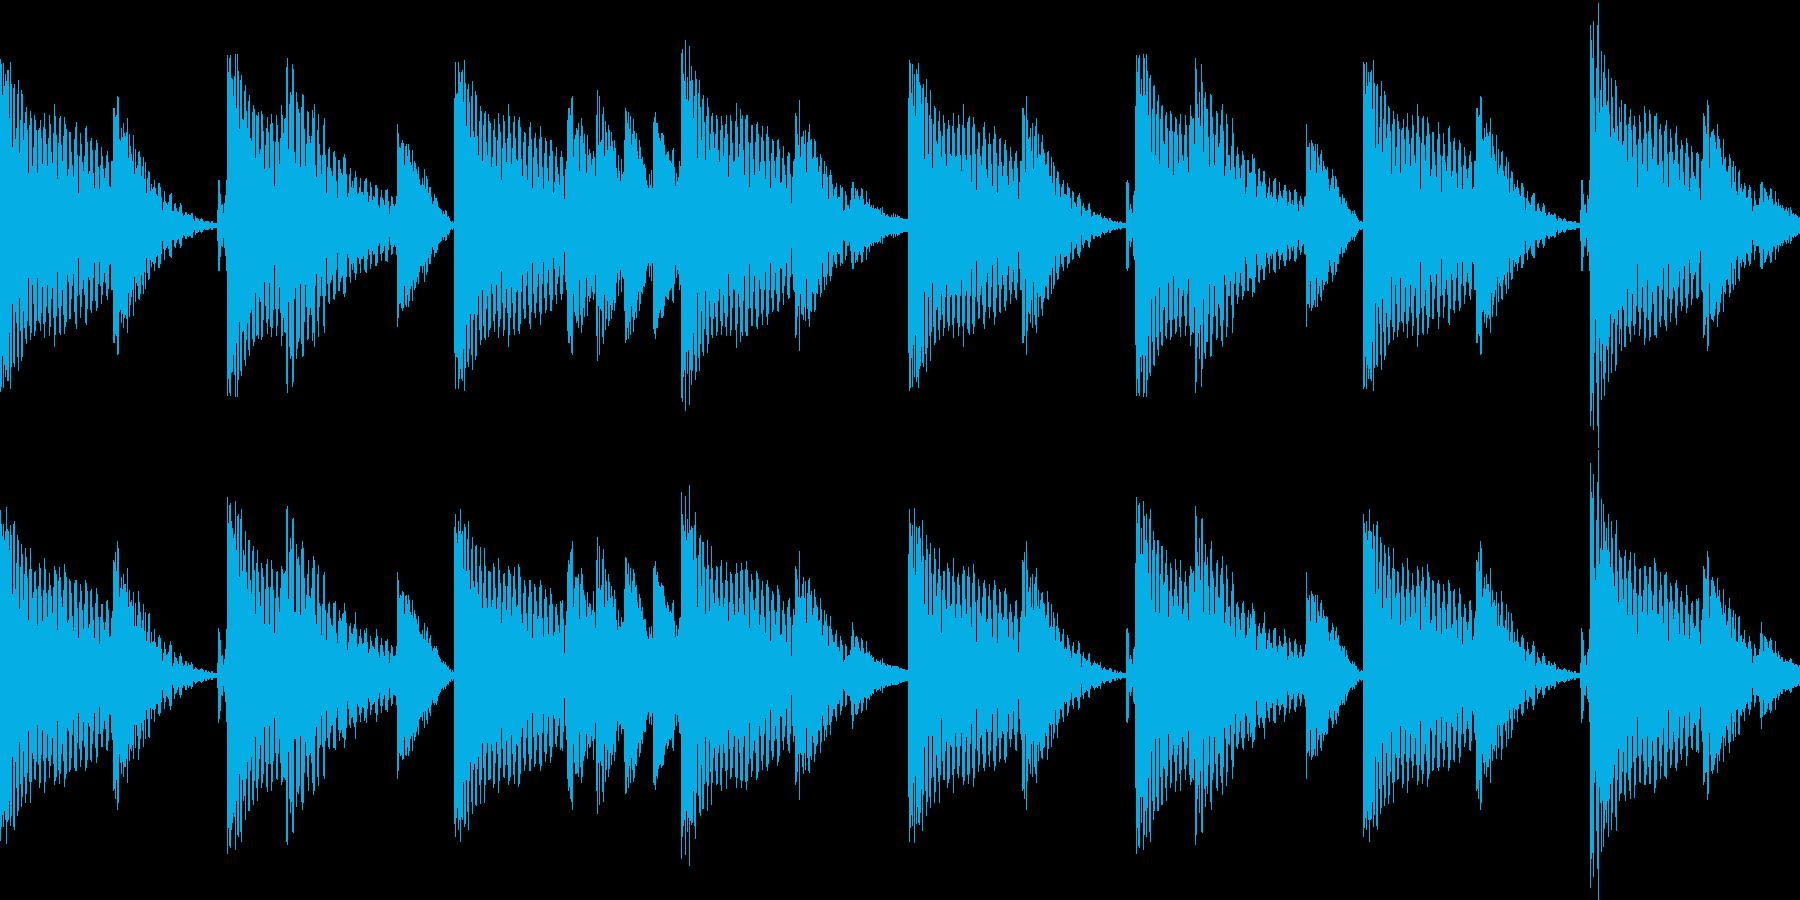 BPM128EDMリズムループ キーF#の再生済みの波形